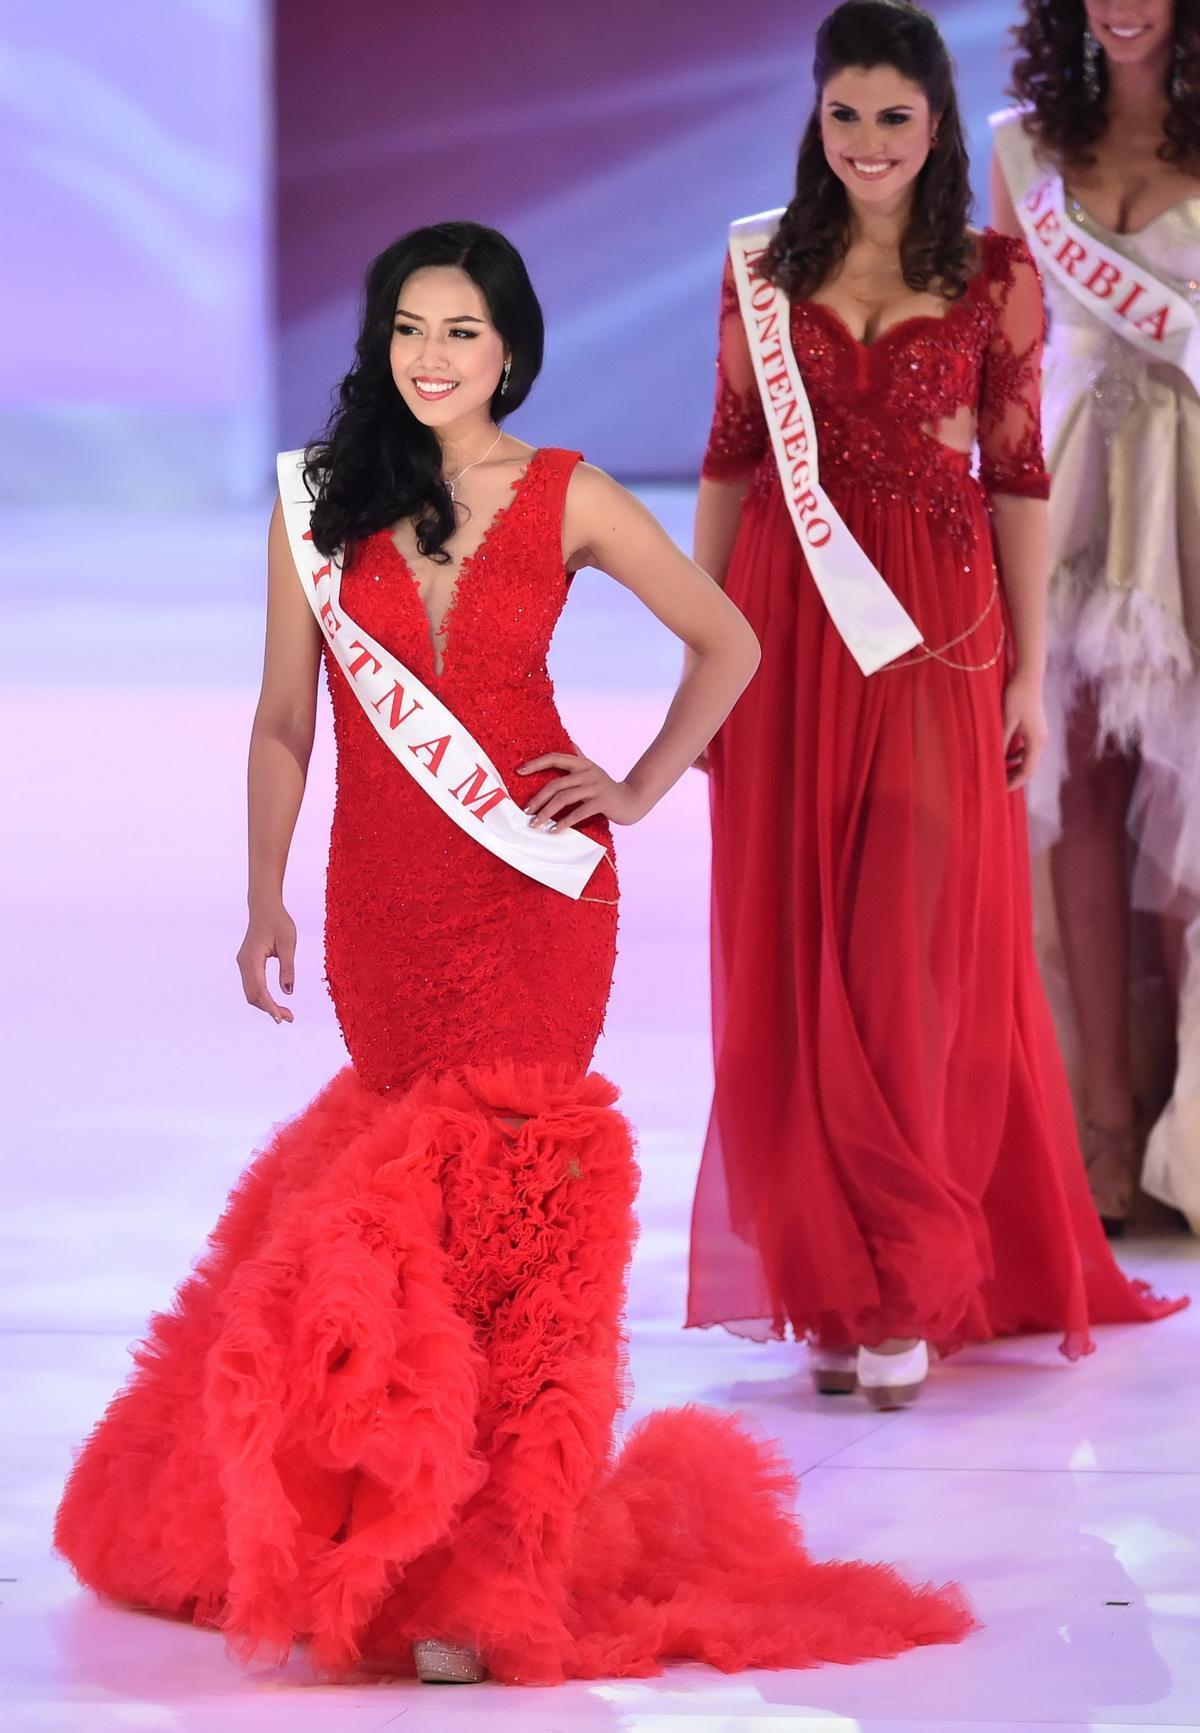 Được chọn thi Miss Universe 2017, Nguyễn Thị Loan lập nên kỷ lục chưa từng có-8